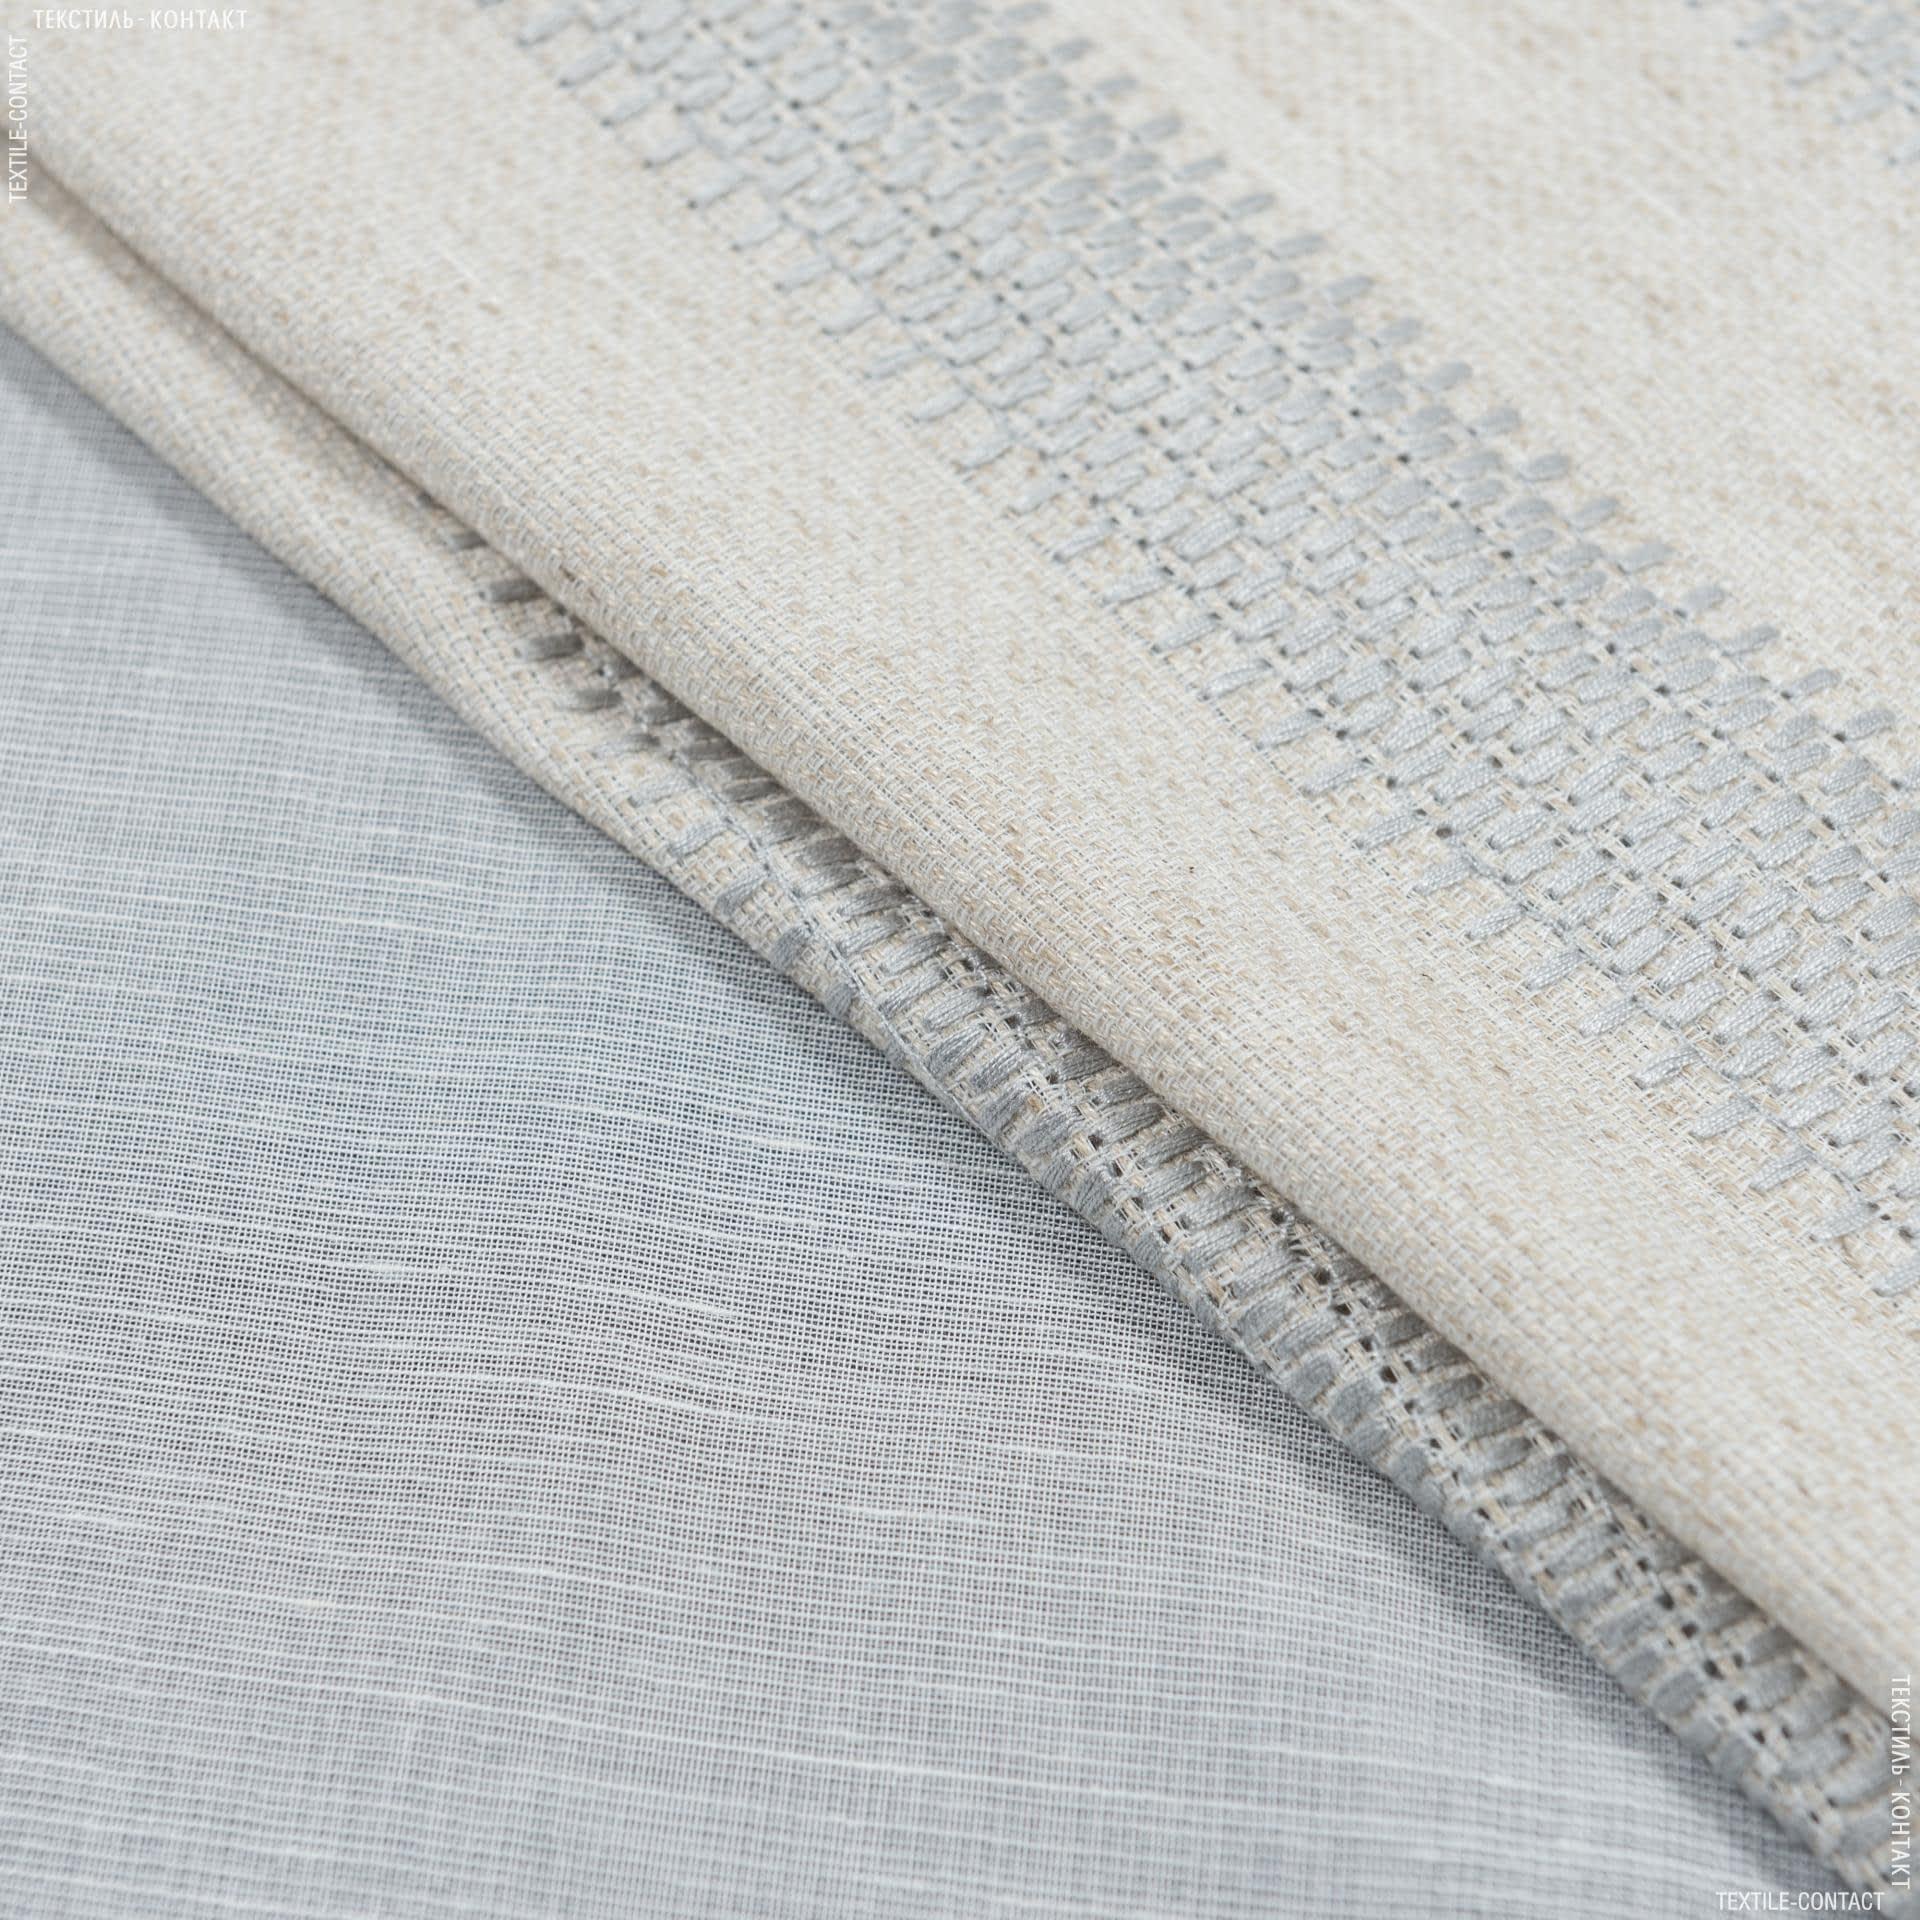 Тканини для тюлі - Тюль з обважнювачем біона купон вишивка /baiona /беж,сірий